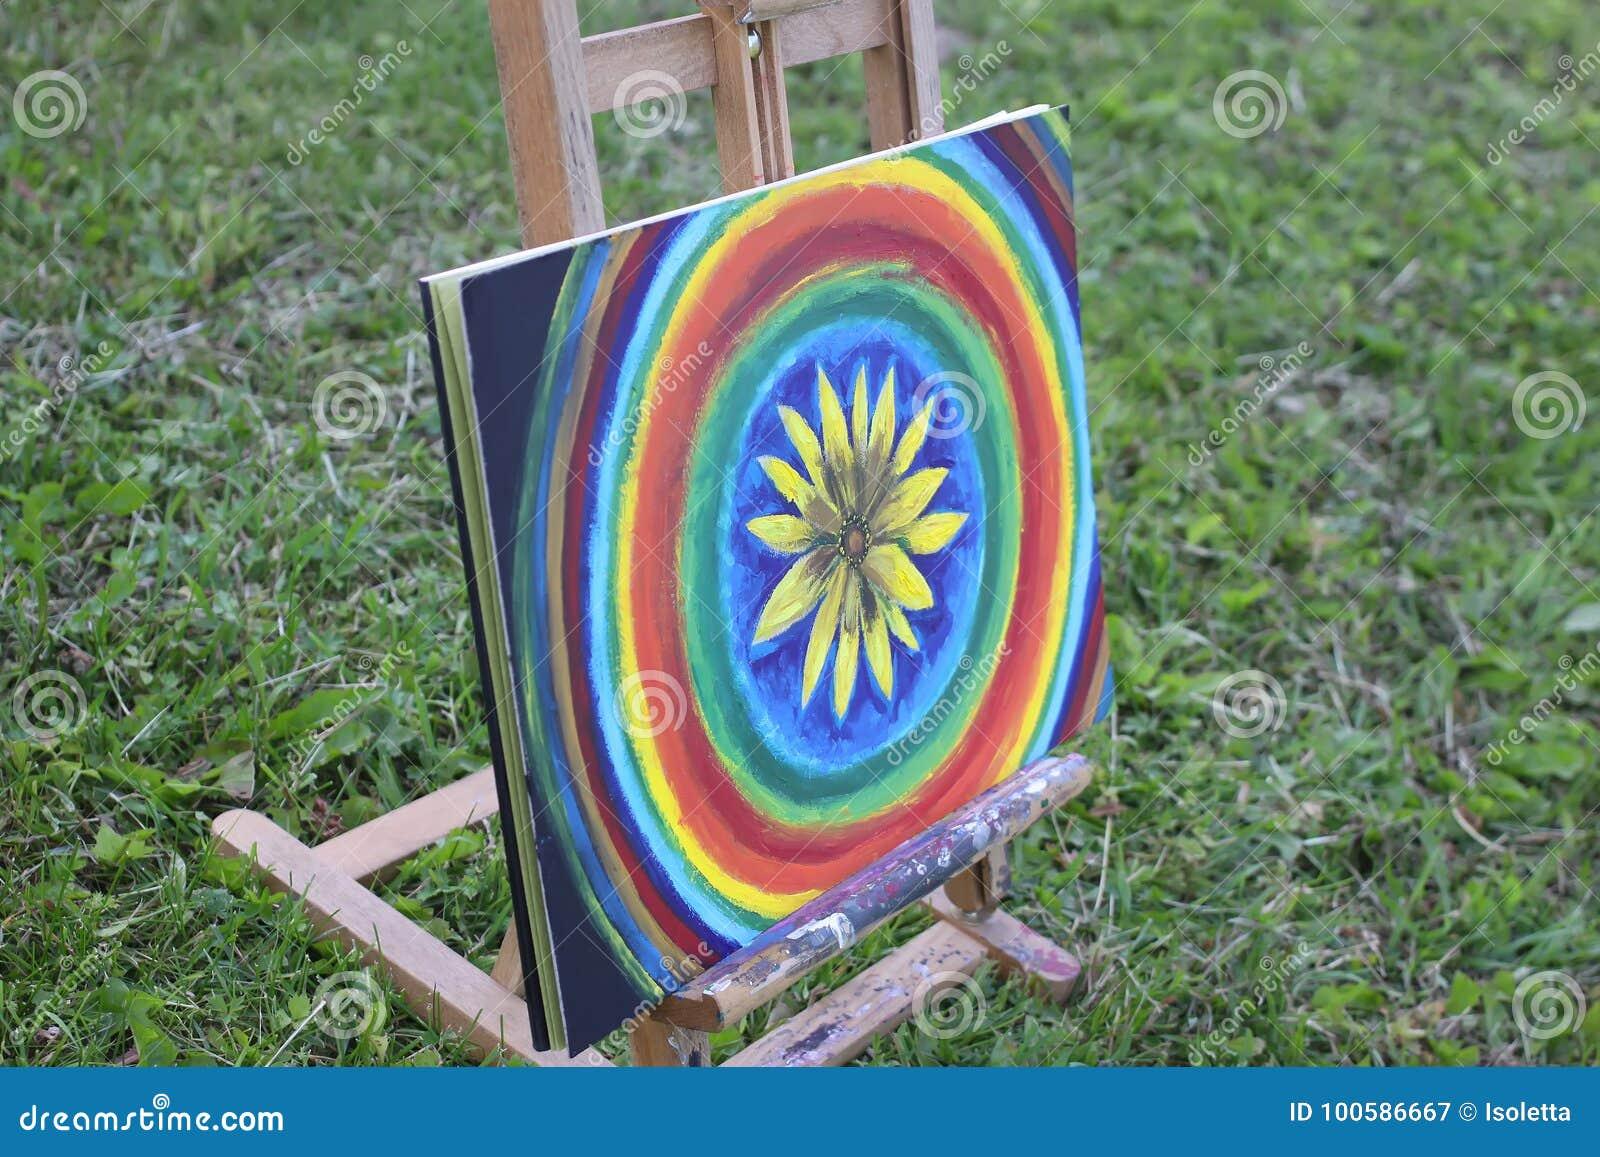 Abstrakte Malerei auf Segeltuch auf Gestell